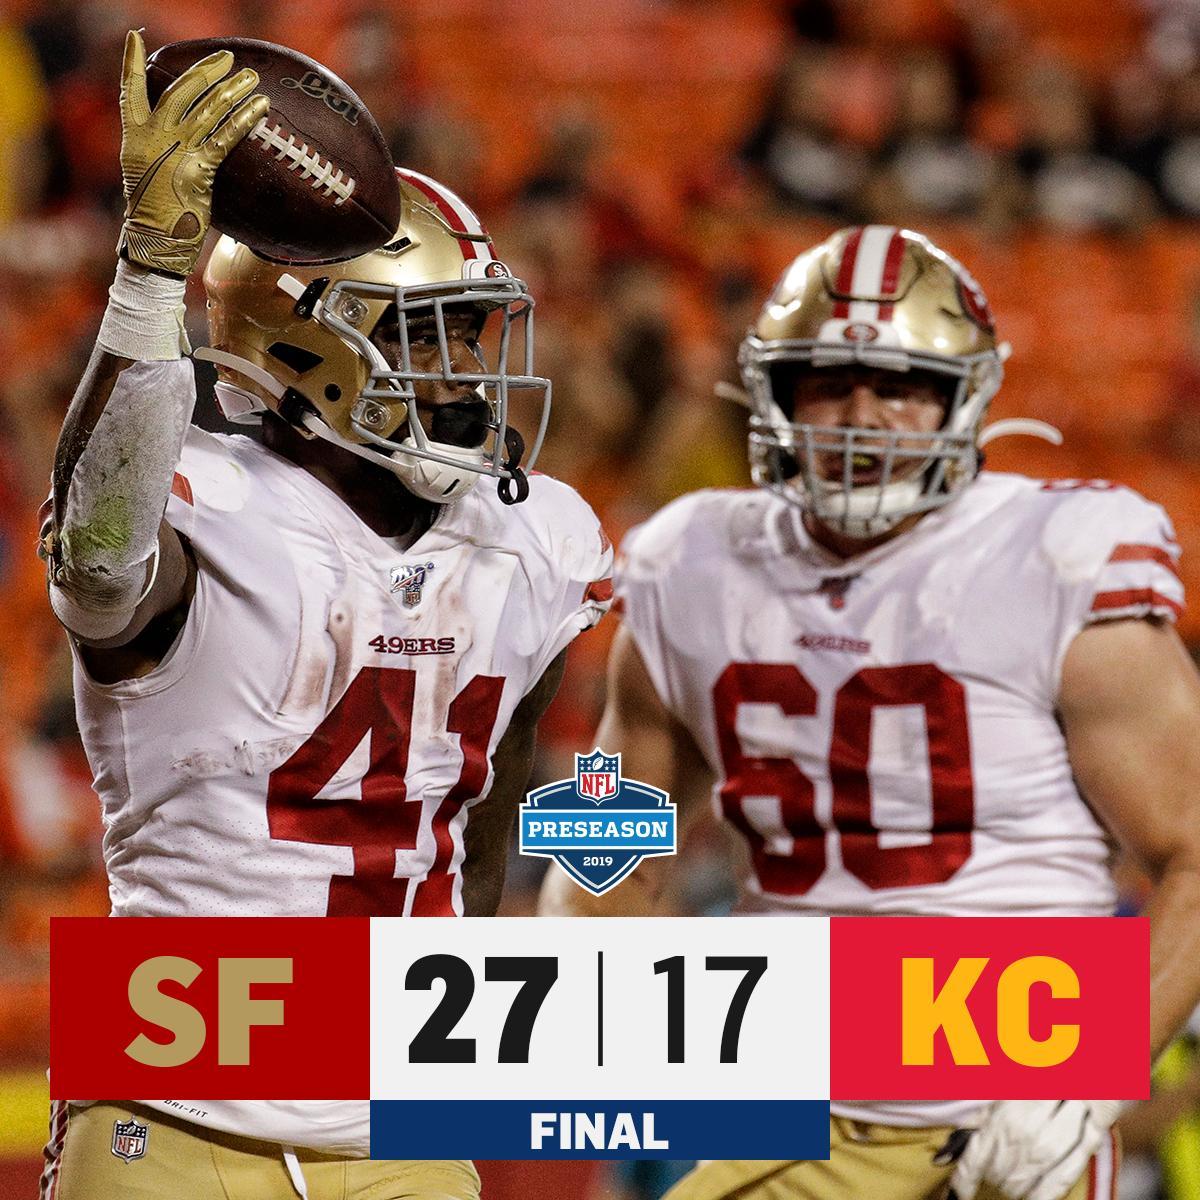 RT @NFL: FINAL: @49ers WIN in Arrowhead! #SFvsKC https://t.co/1Rh7EdMcOW